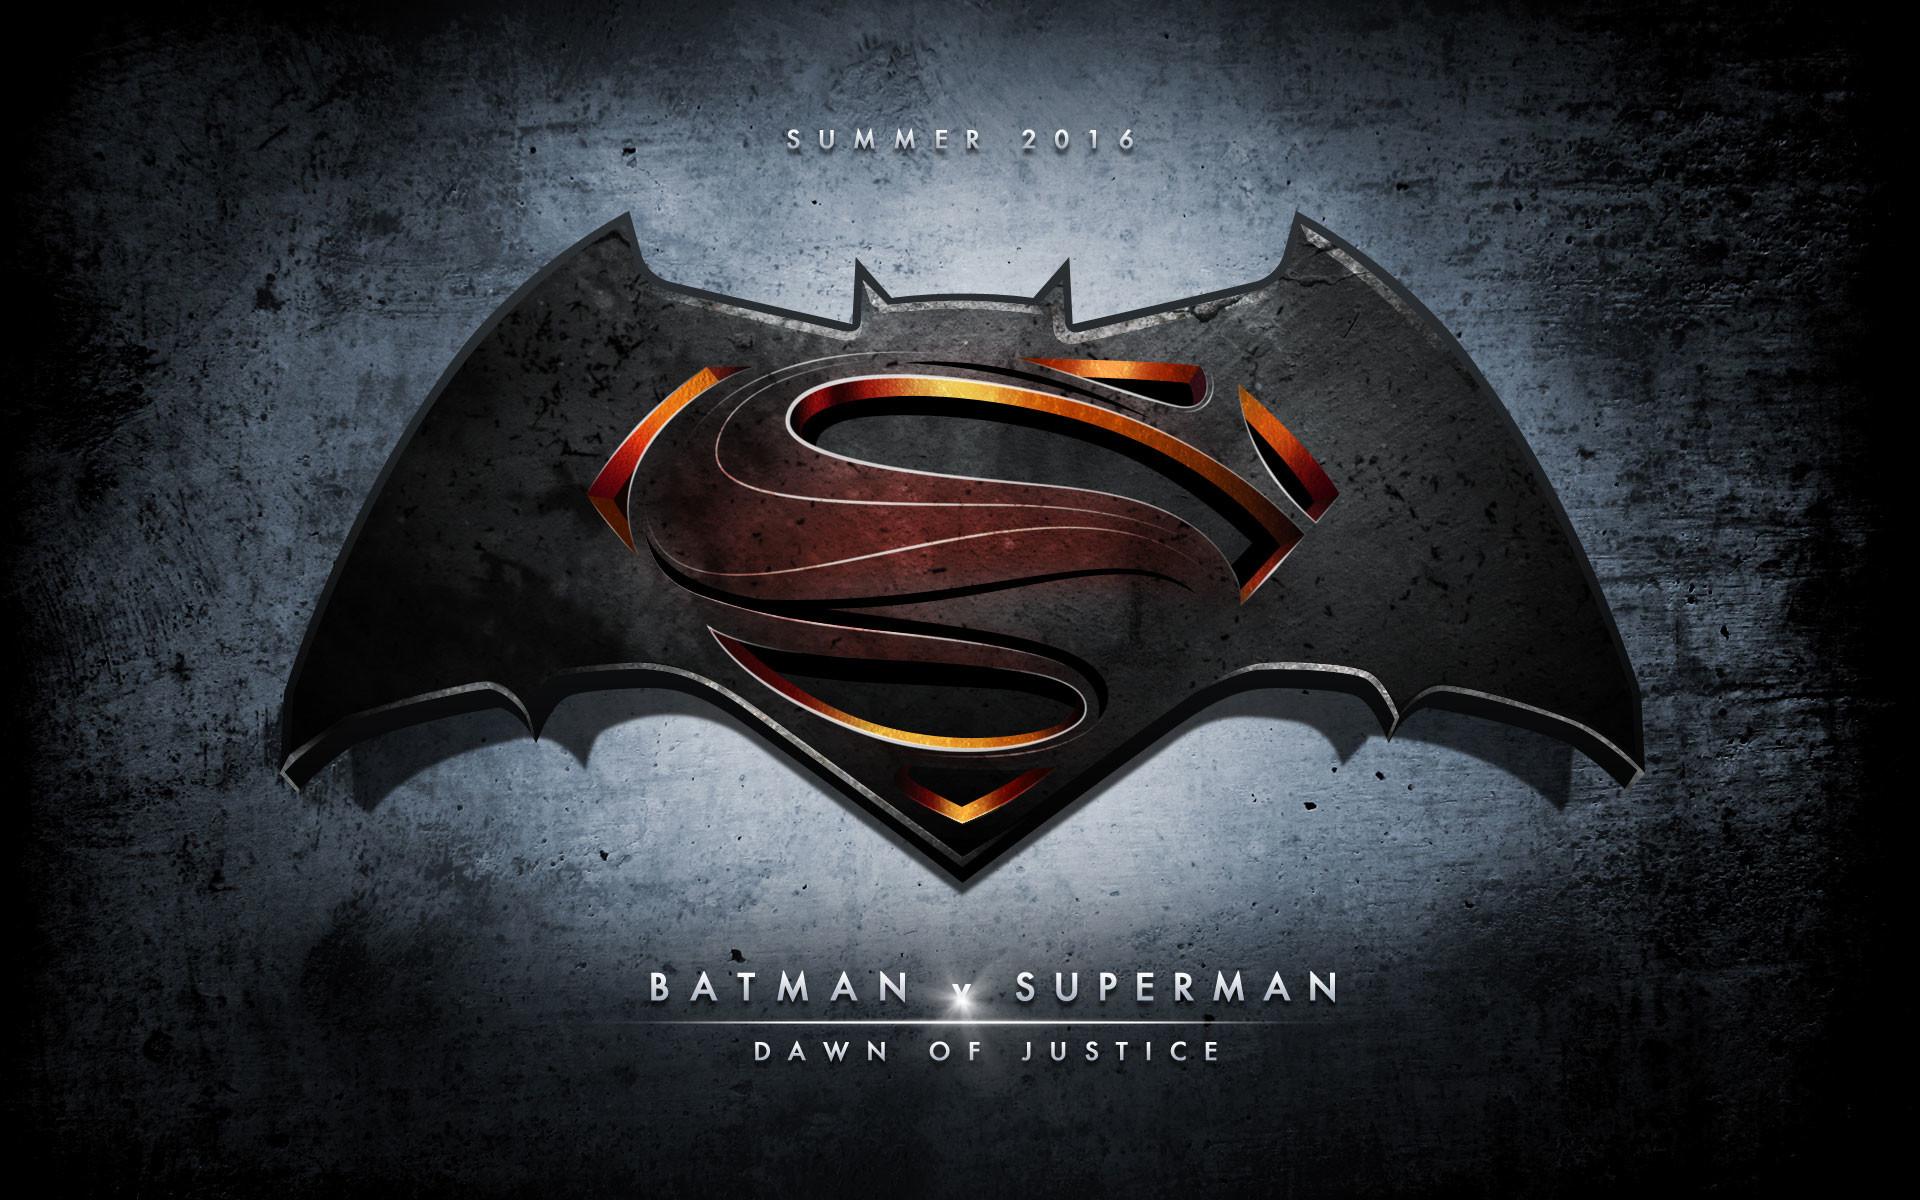 Superman-vs-batman_wallpaper_HD